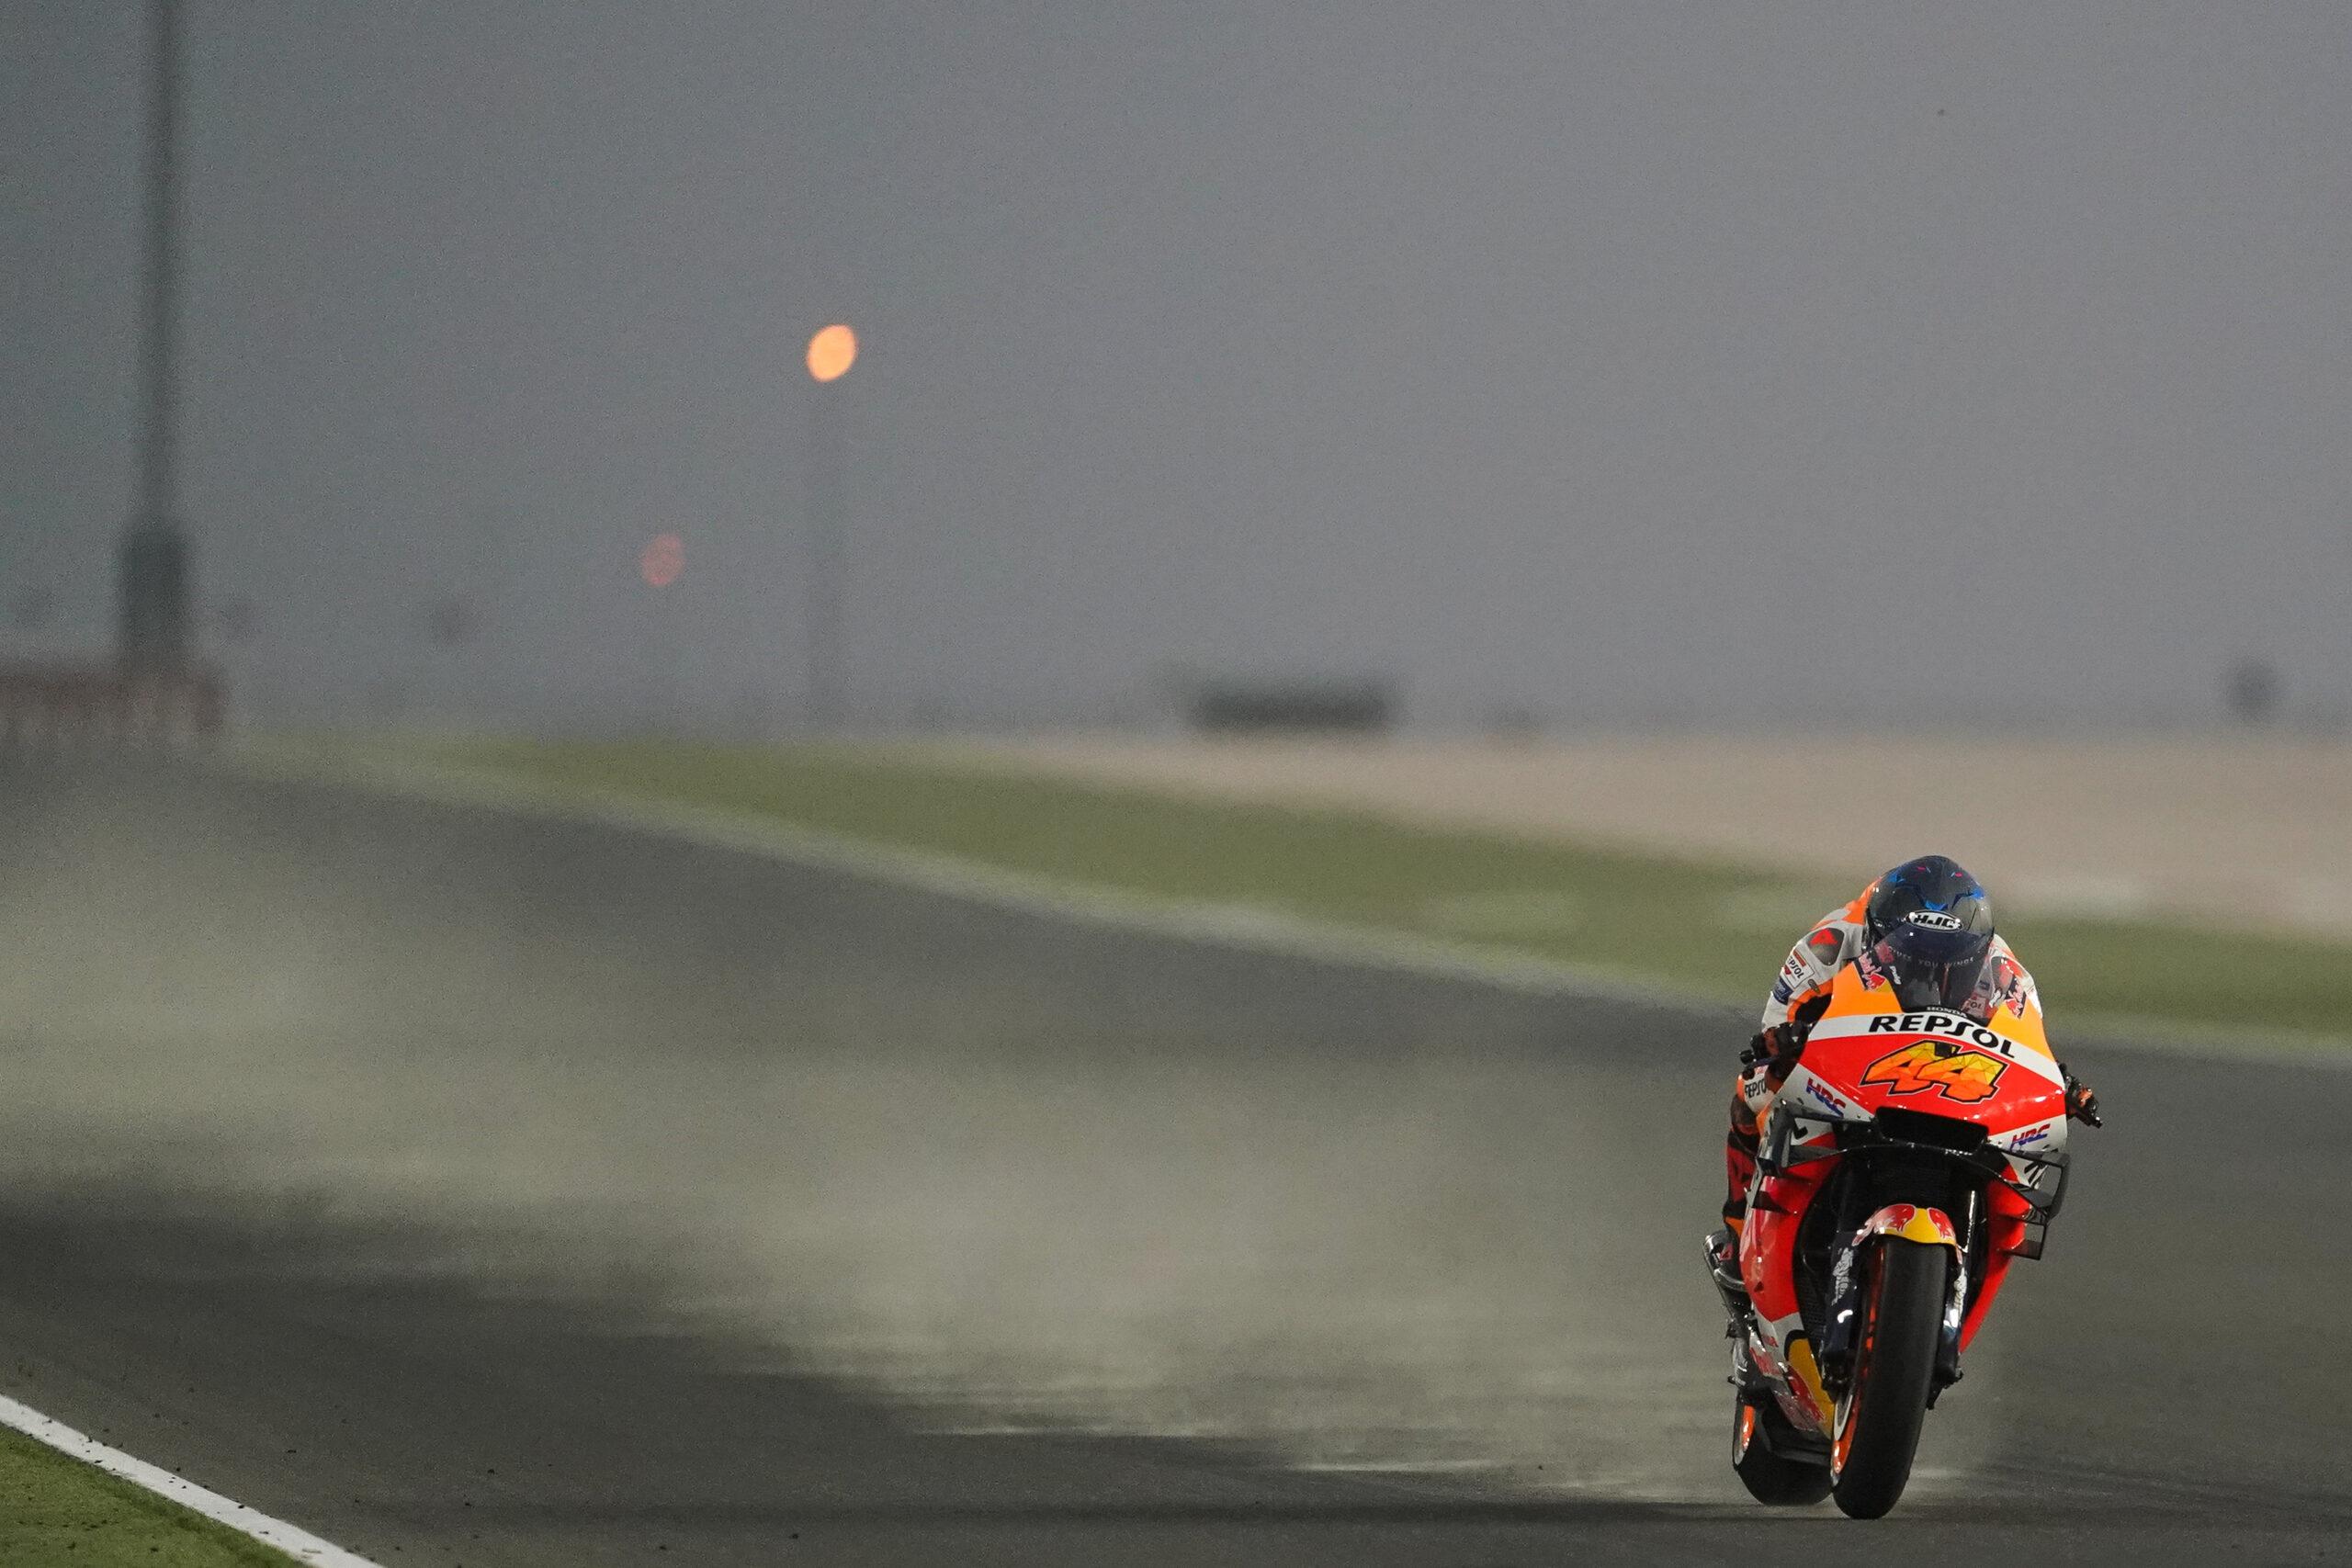 MotoGP preseason testing